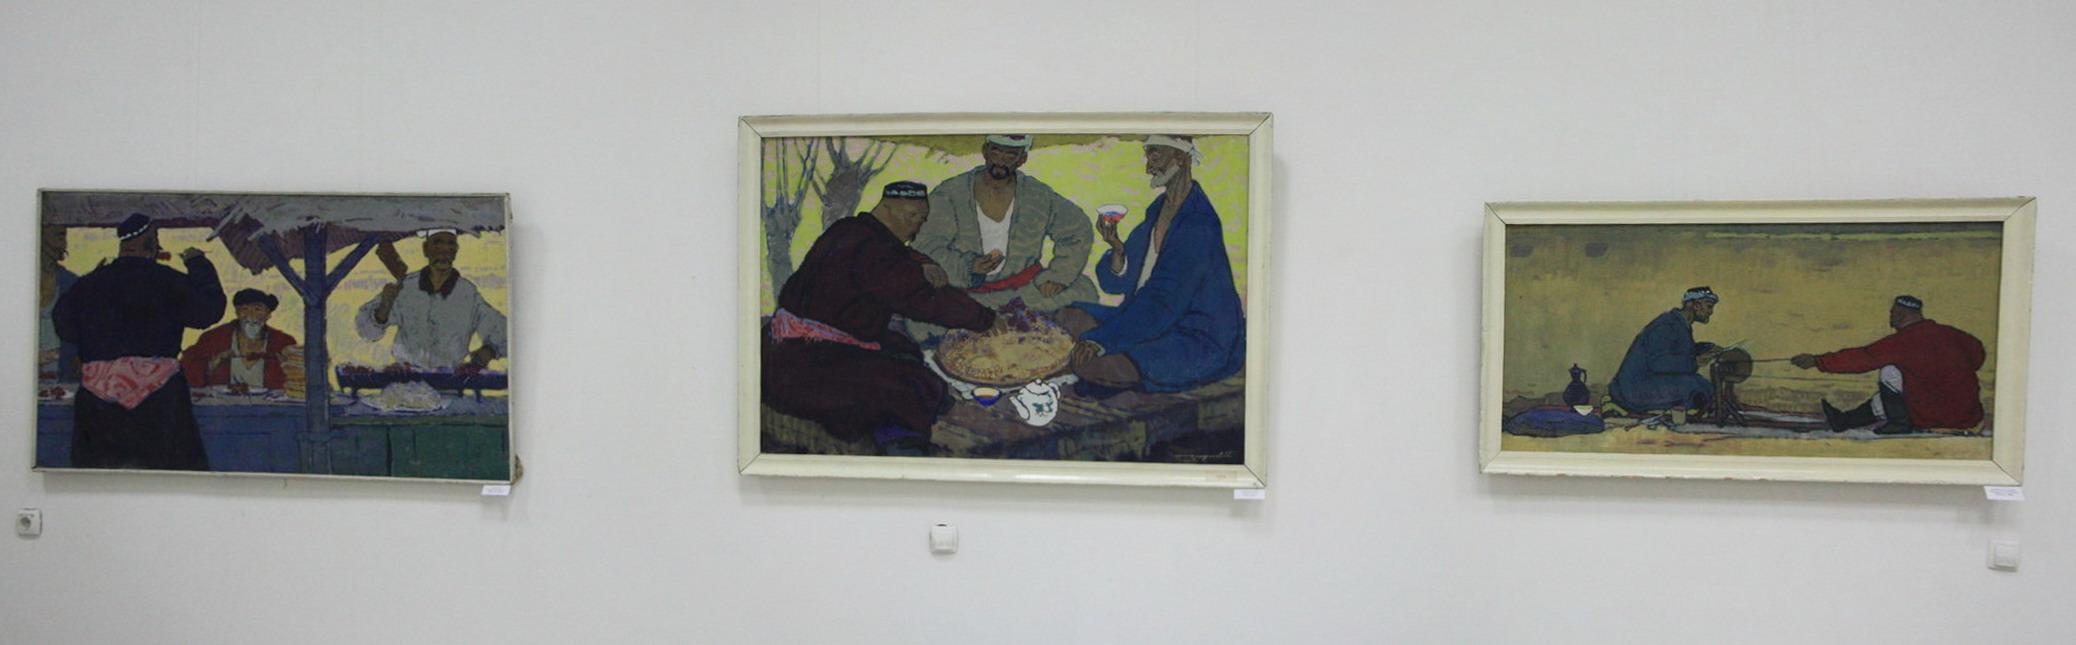 Экспозиция картин Чепракова Константина